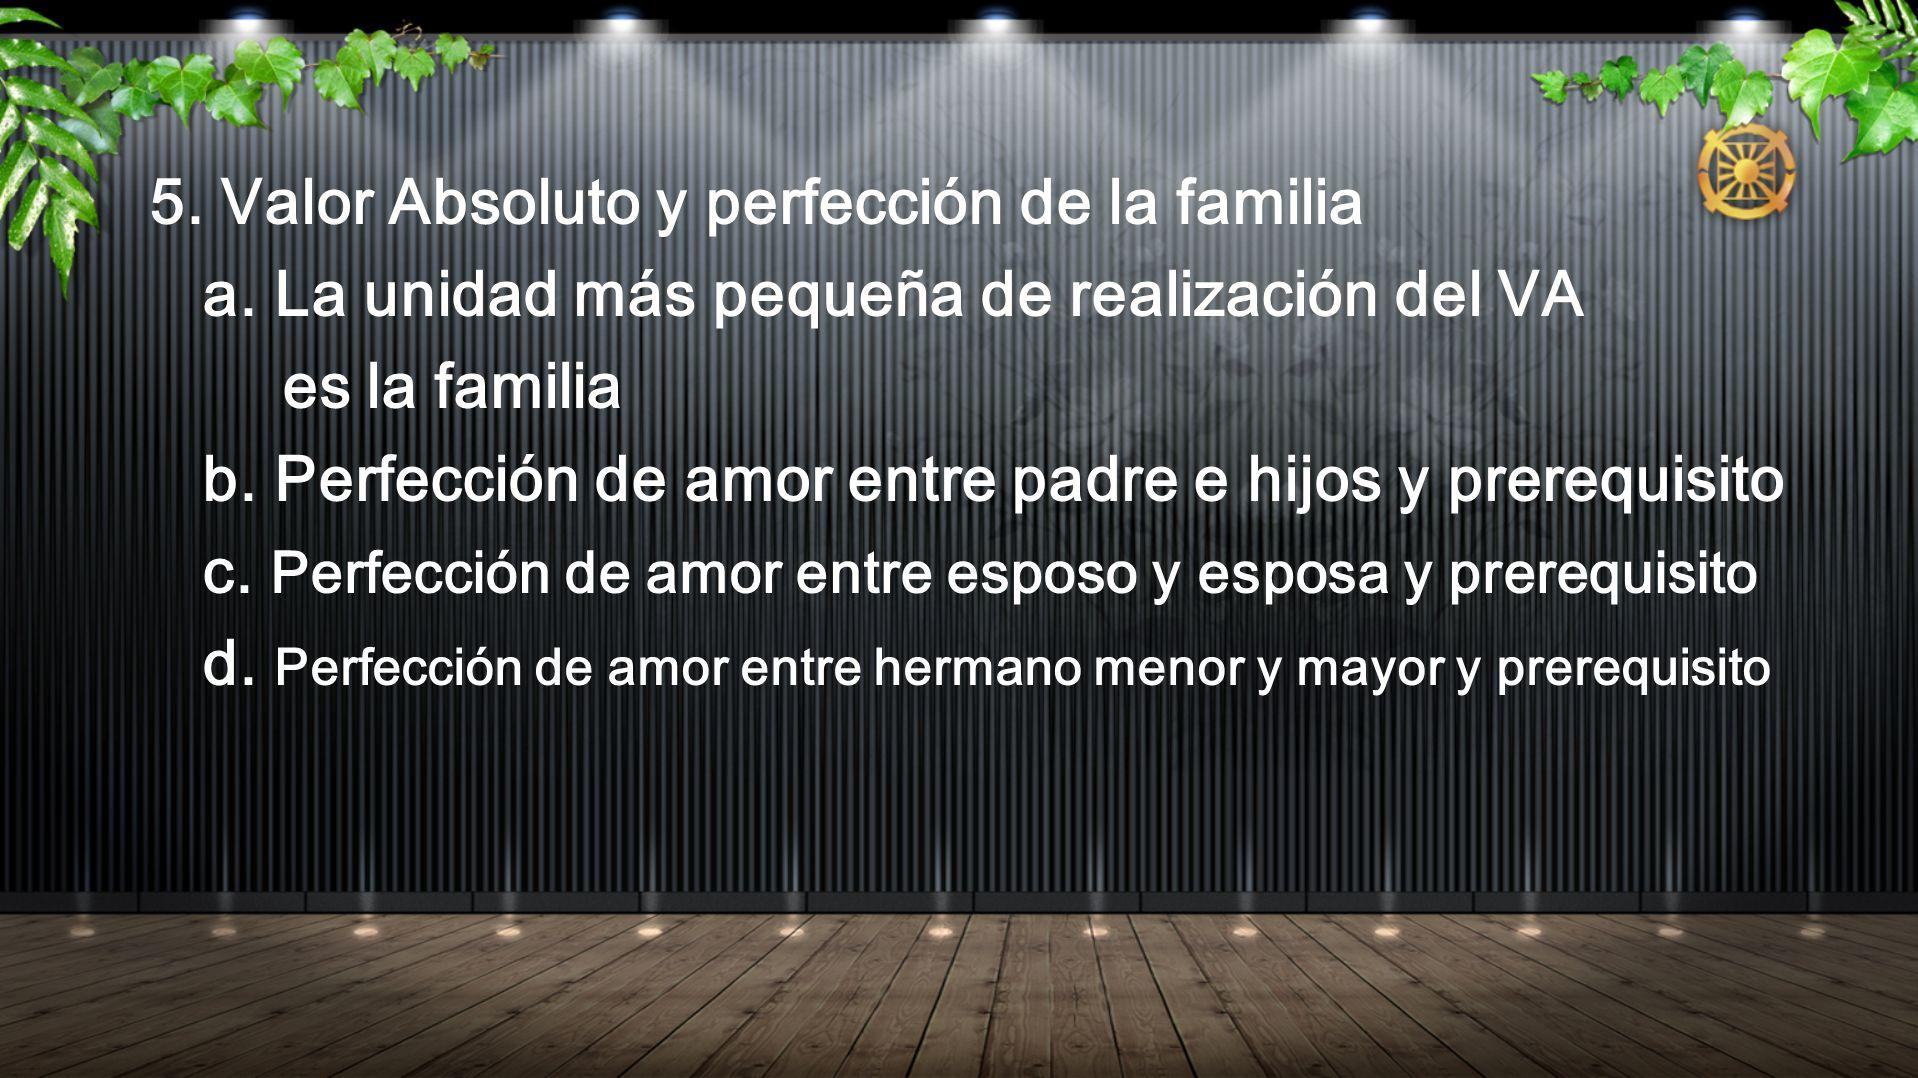 5. Valor Absoluto y perfección de la familia